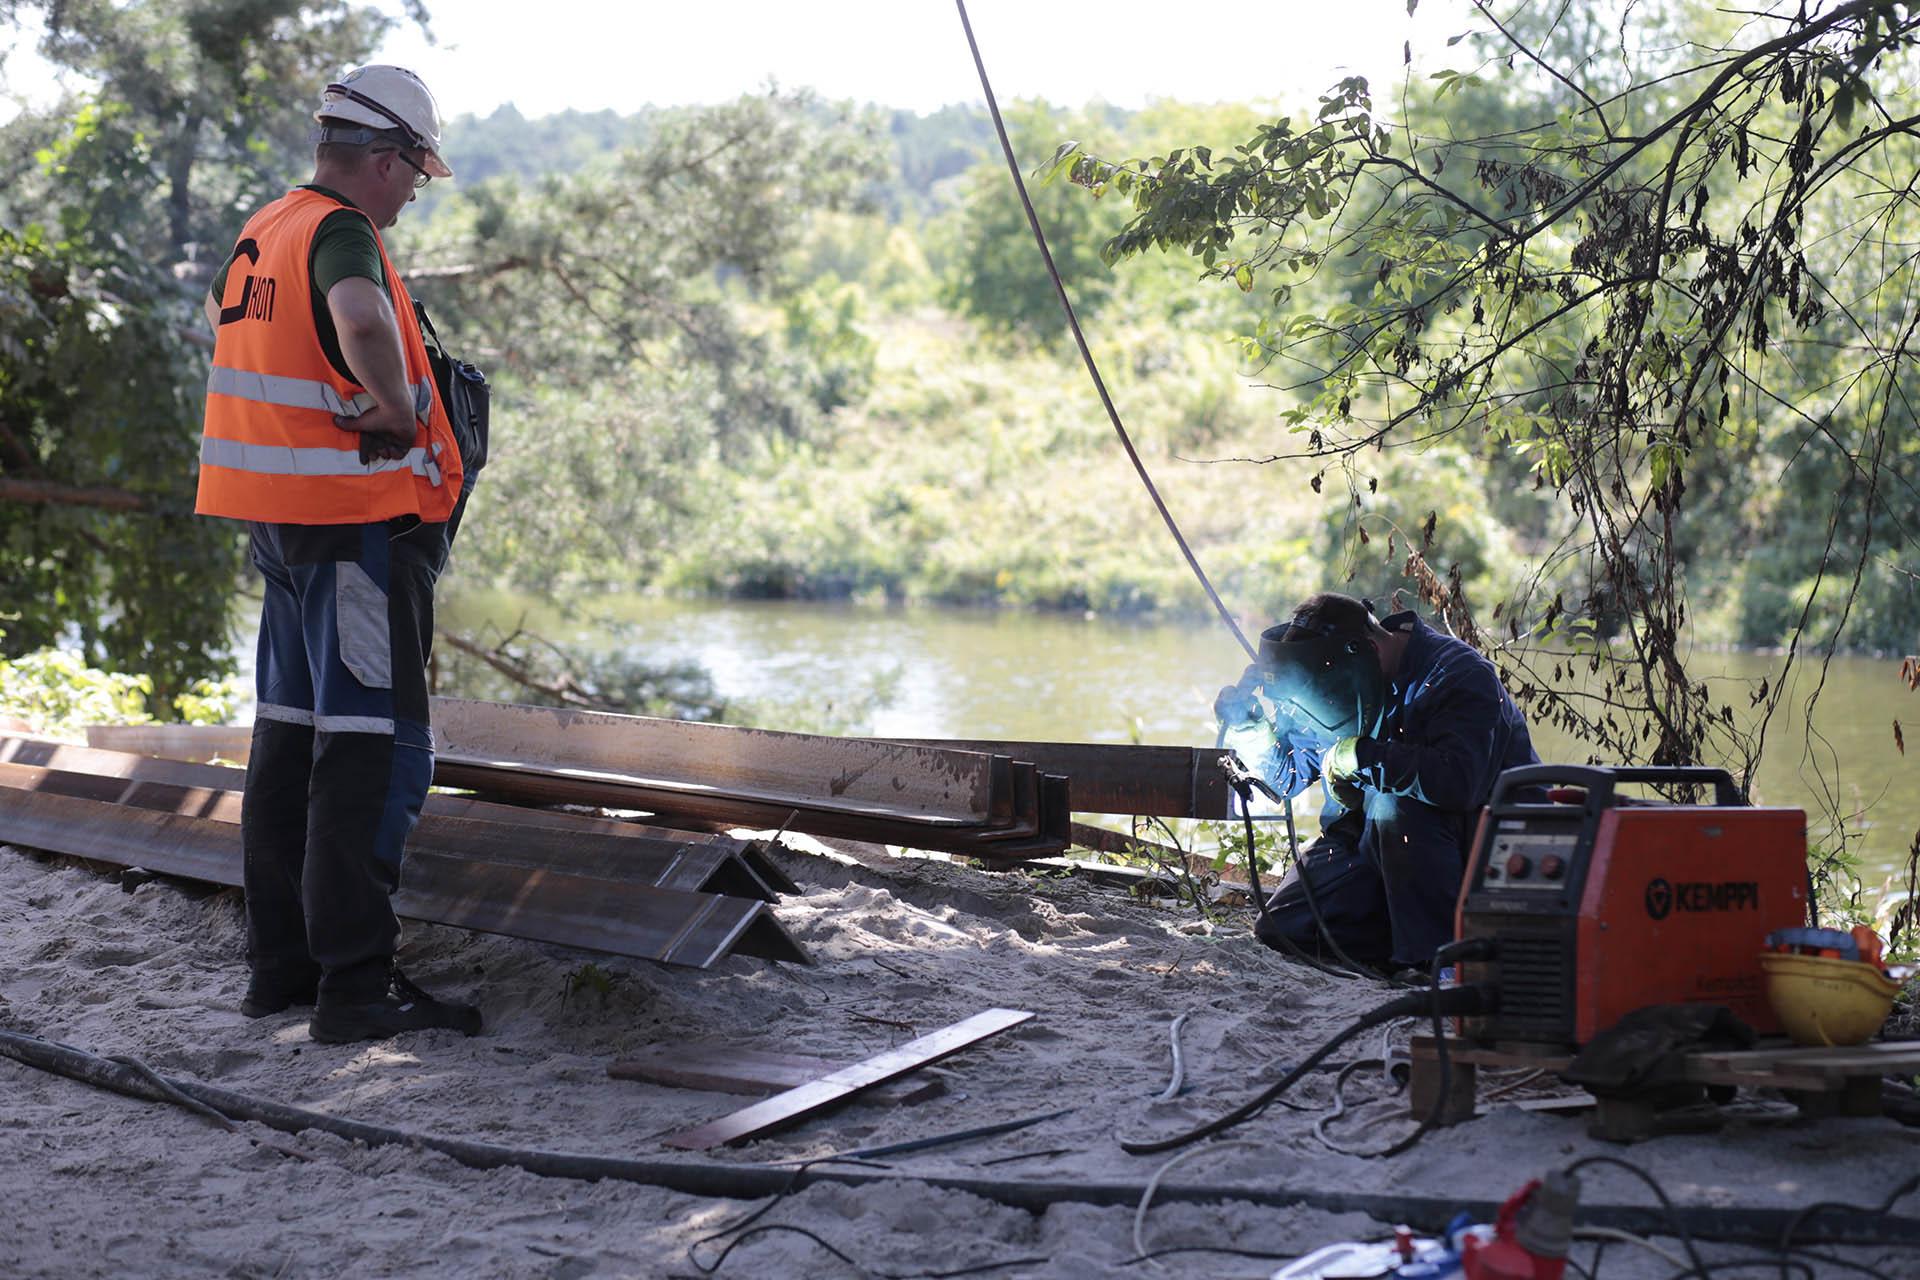 Obrazek: pracownik spawa metalową konstrukcje, drugi robotnik przygląda się temu